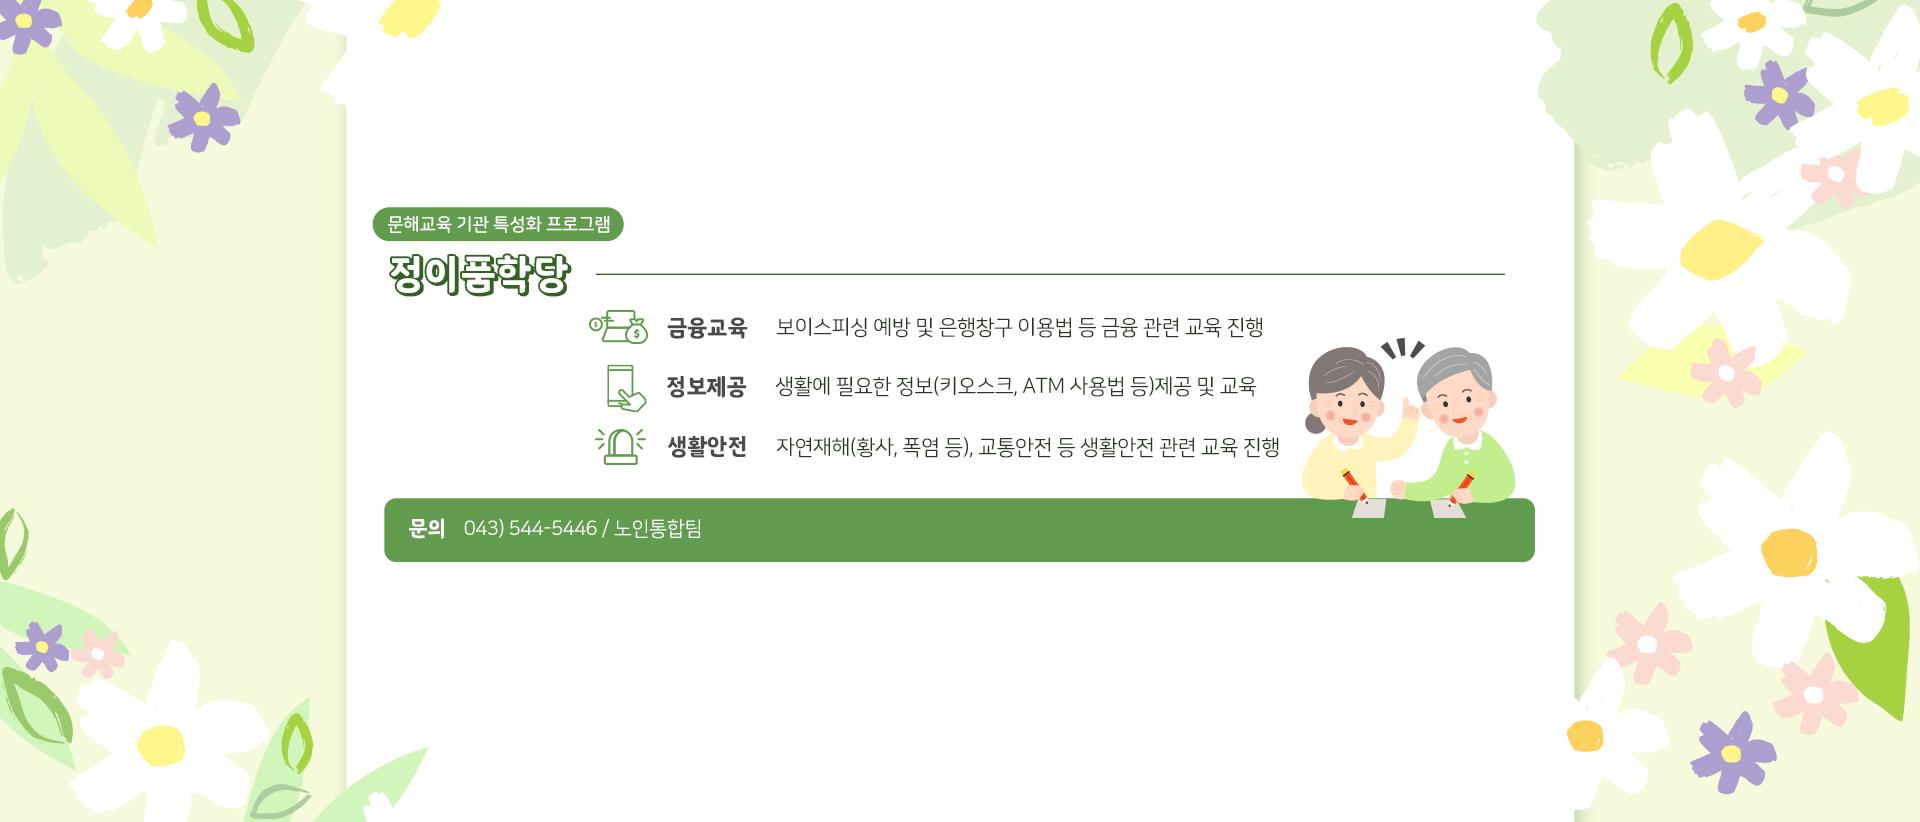 문해교육 기관 특성화 프로그램 정이품학당